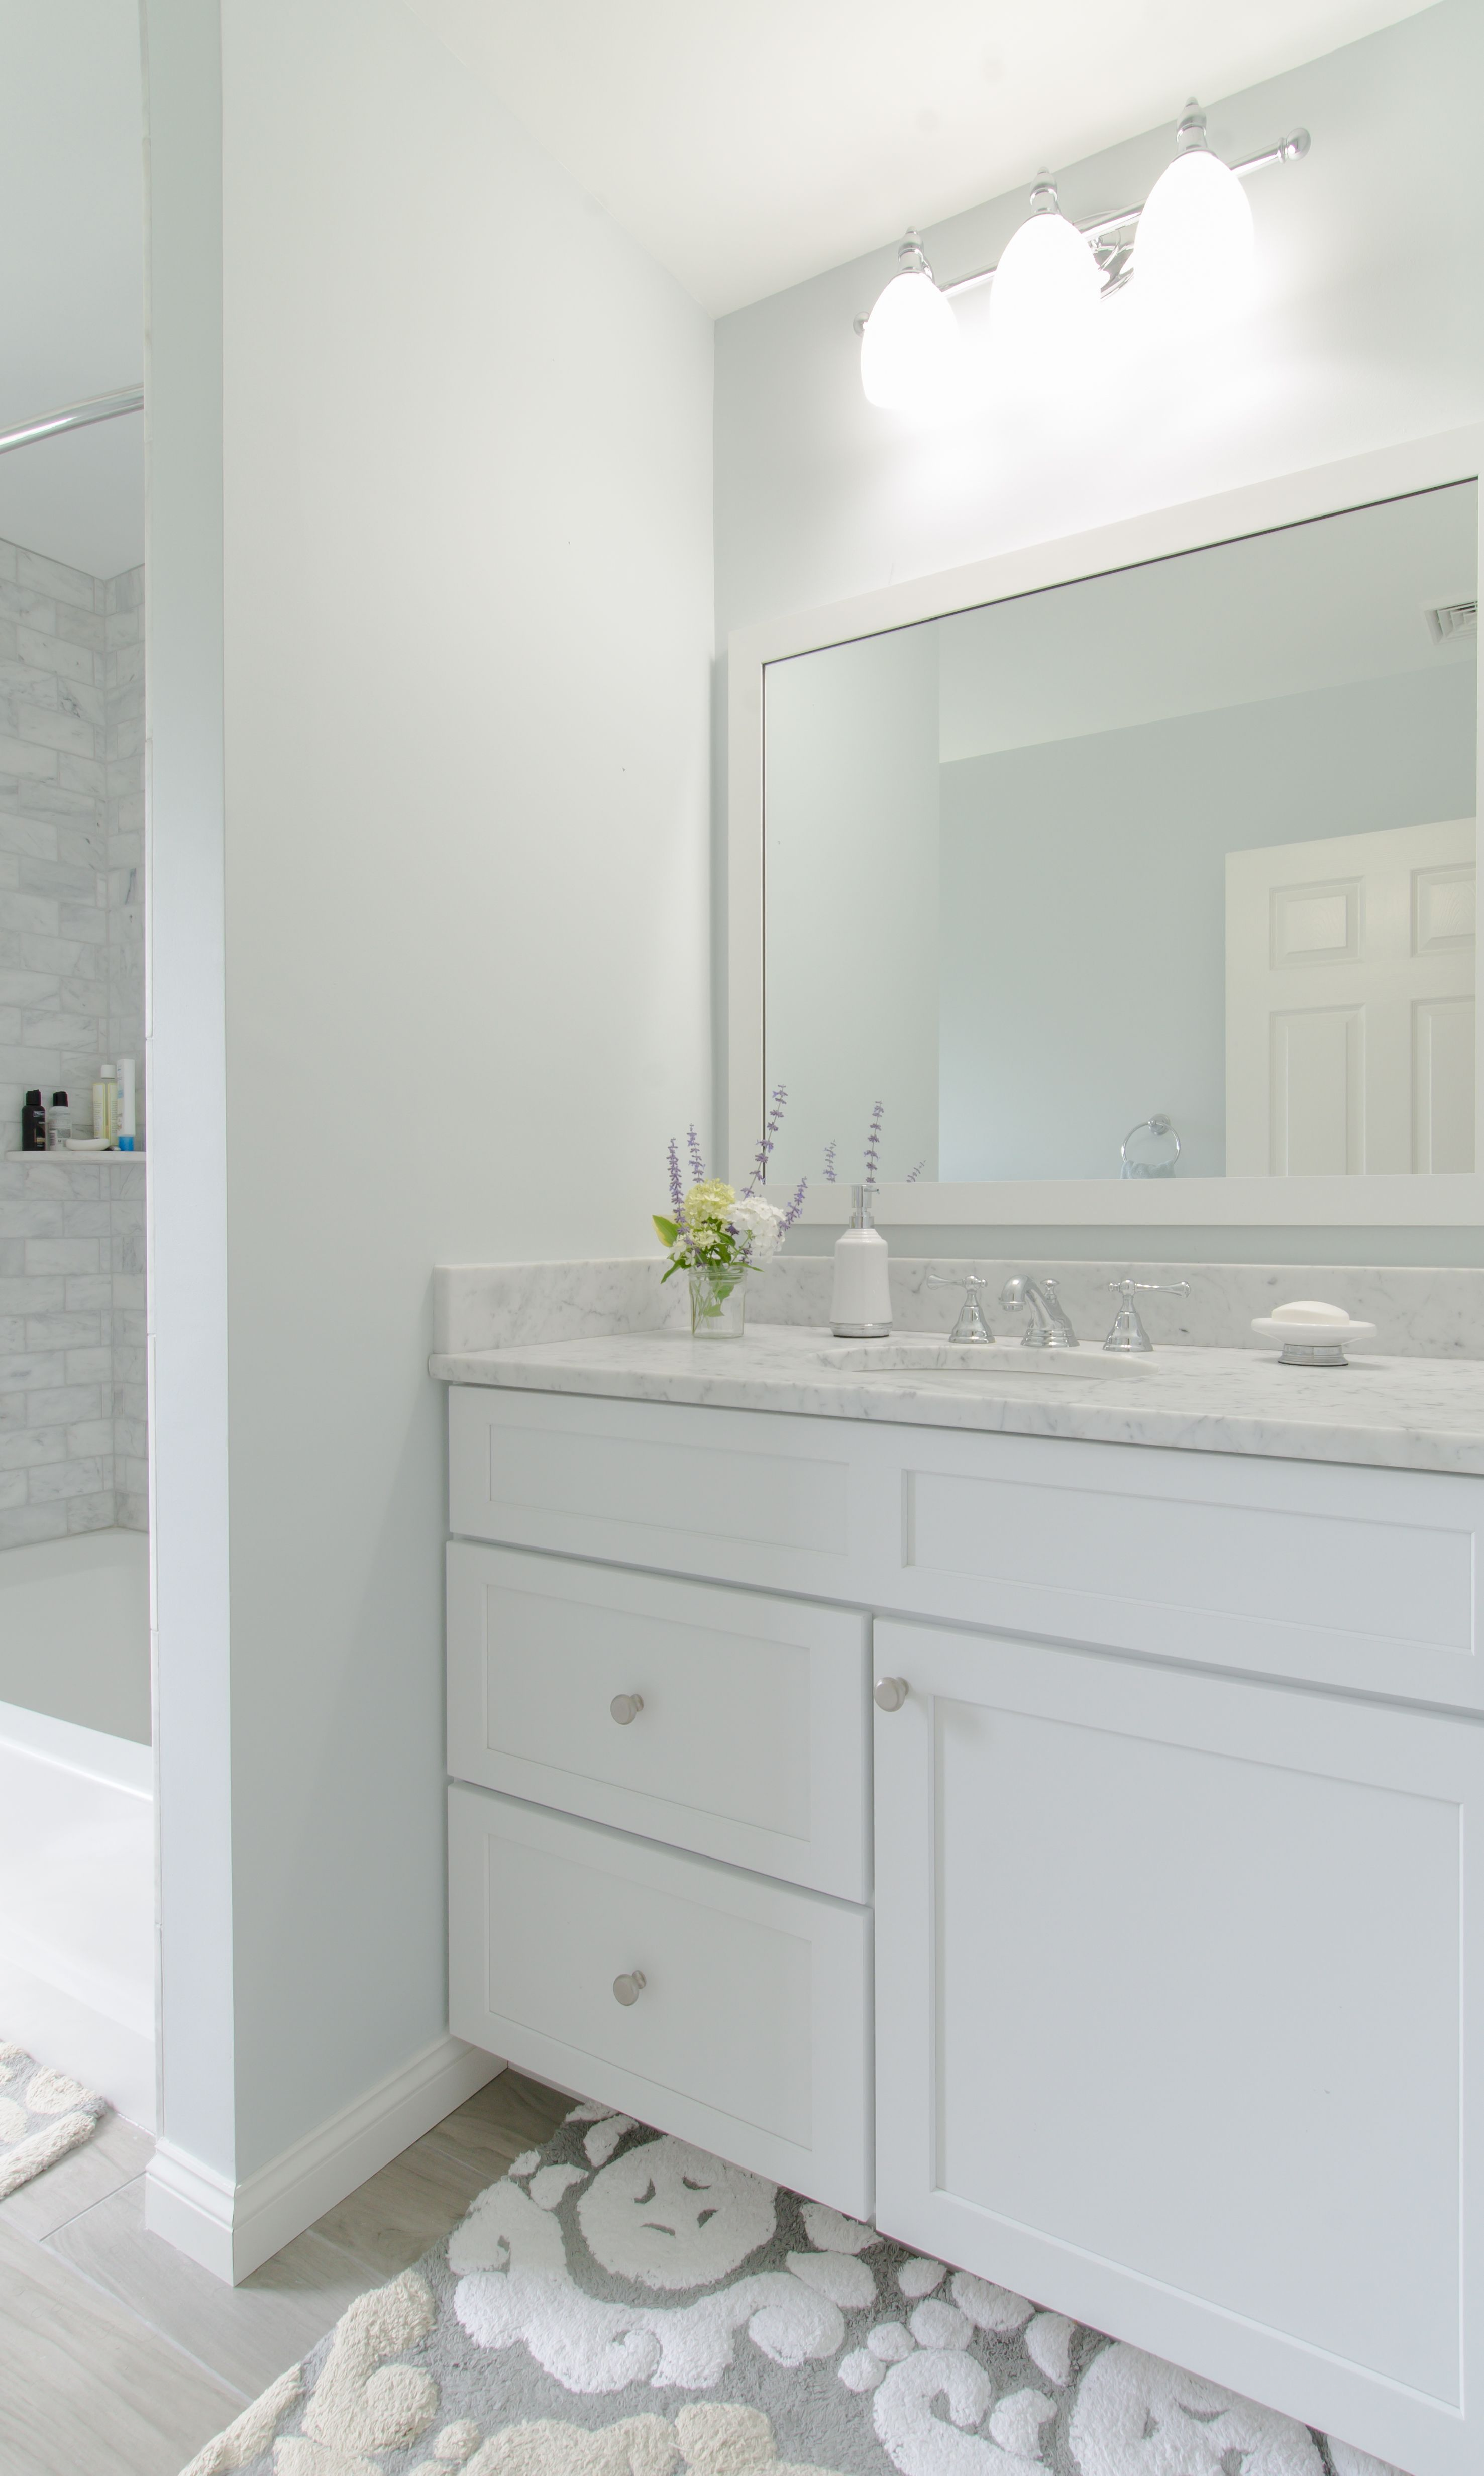 White Bathroom - White vanity cabinet, granite countertop, matching ...